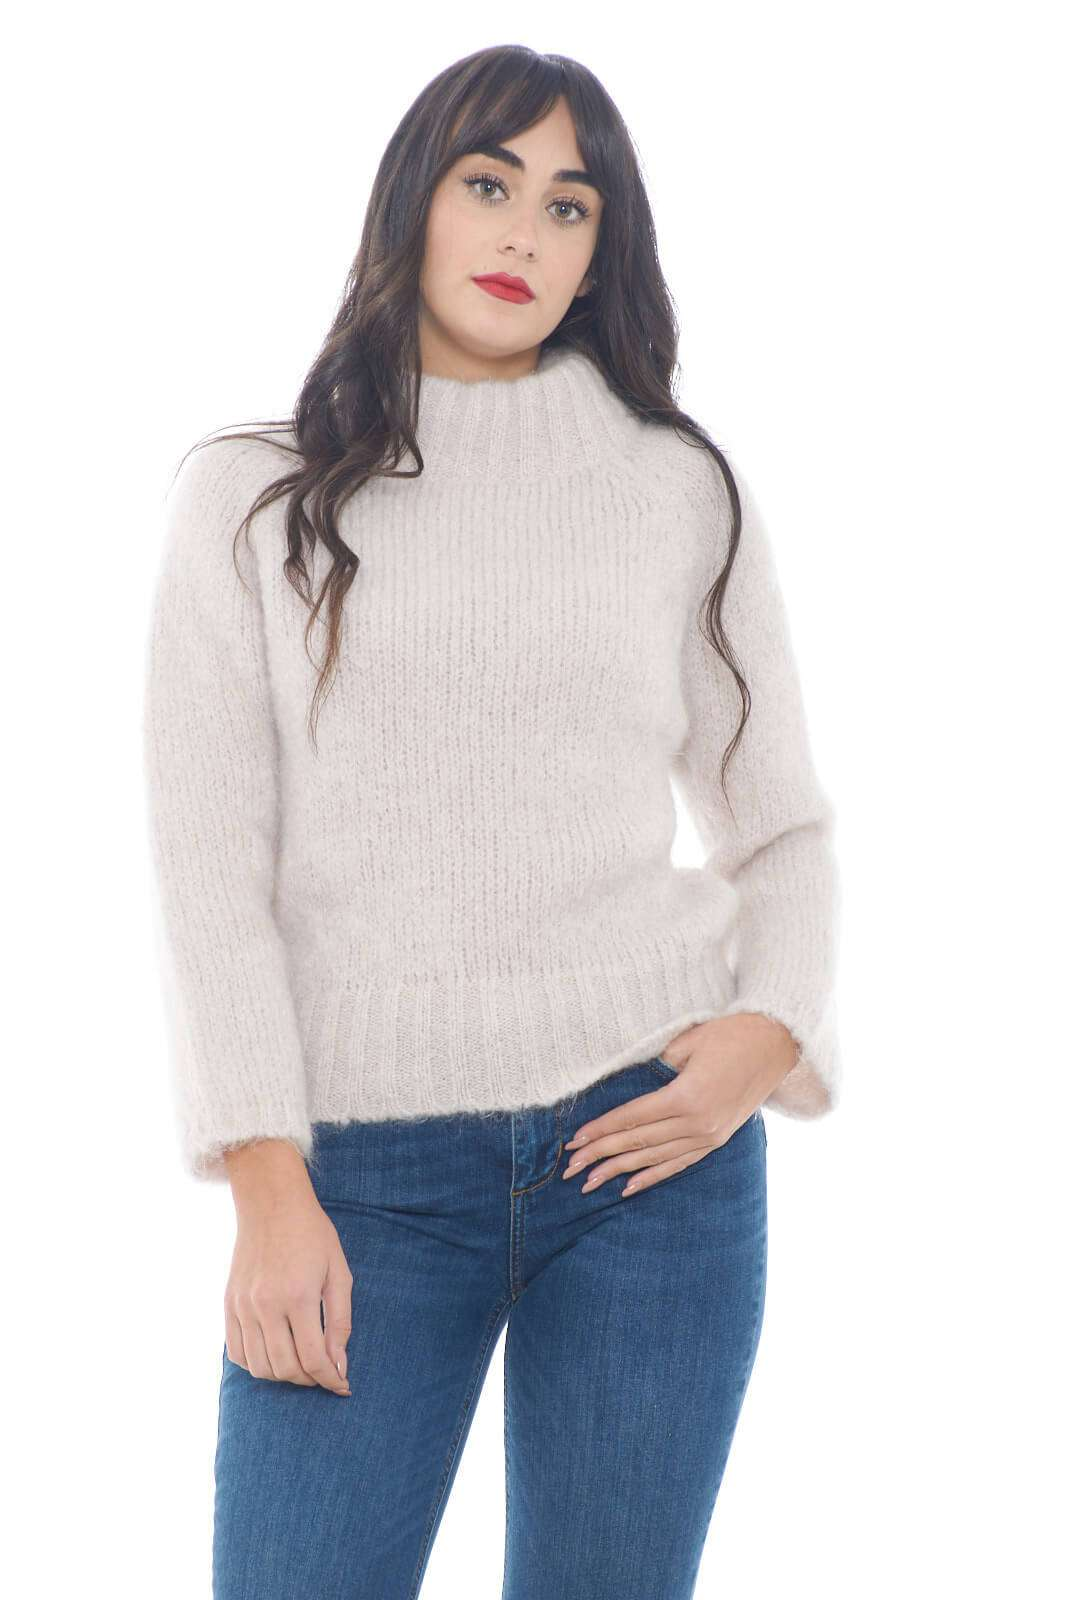 Una maglia chic e calda, realizzata in un confortevole misto di mohair, quella firmata Pomandére. Perfetta con jeans a vita alta, o pantaloni, per outfit che sorprenderanno con la loro semplicità.  La modella è alta 1,78m e indossa la taglia 38.